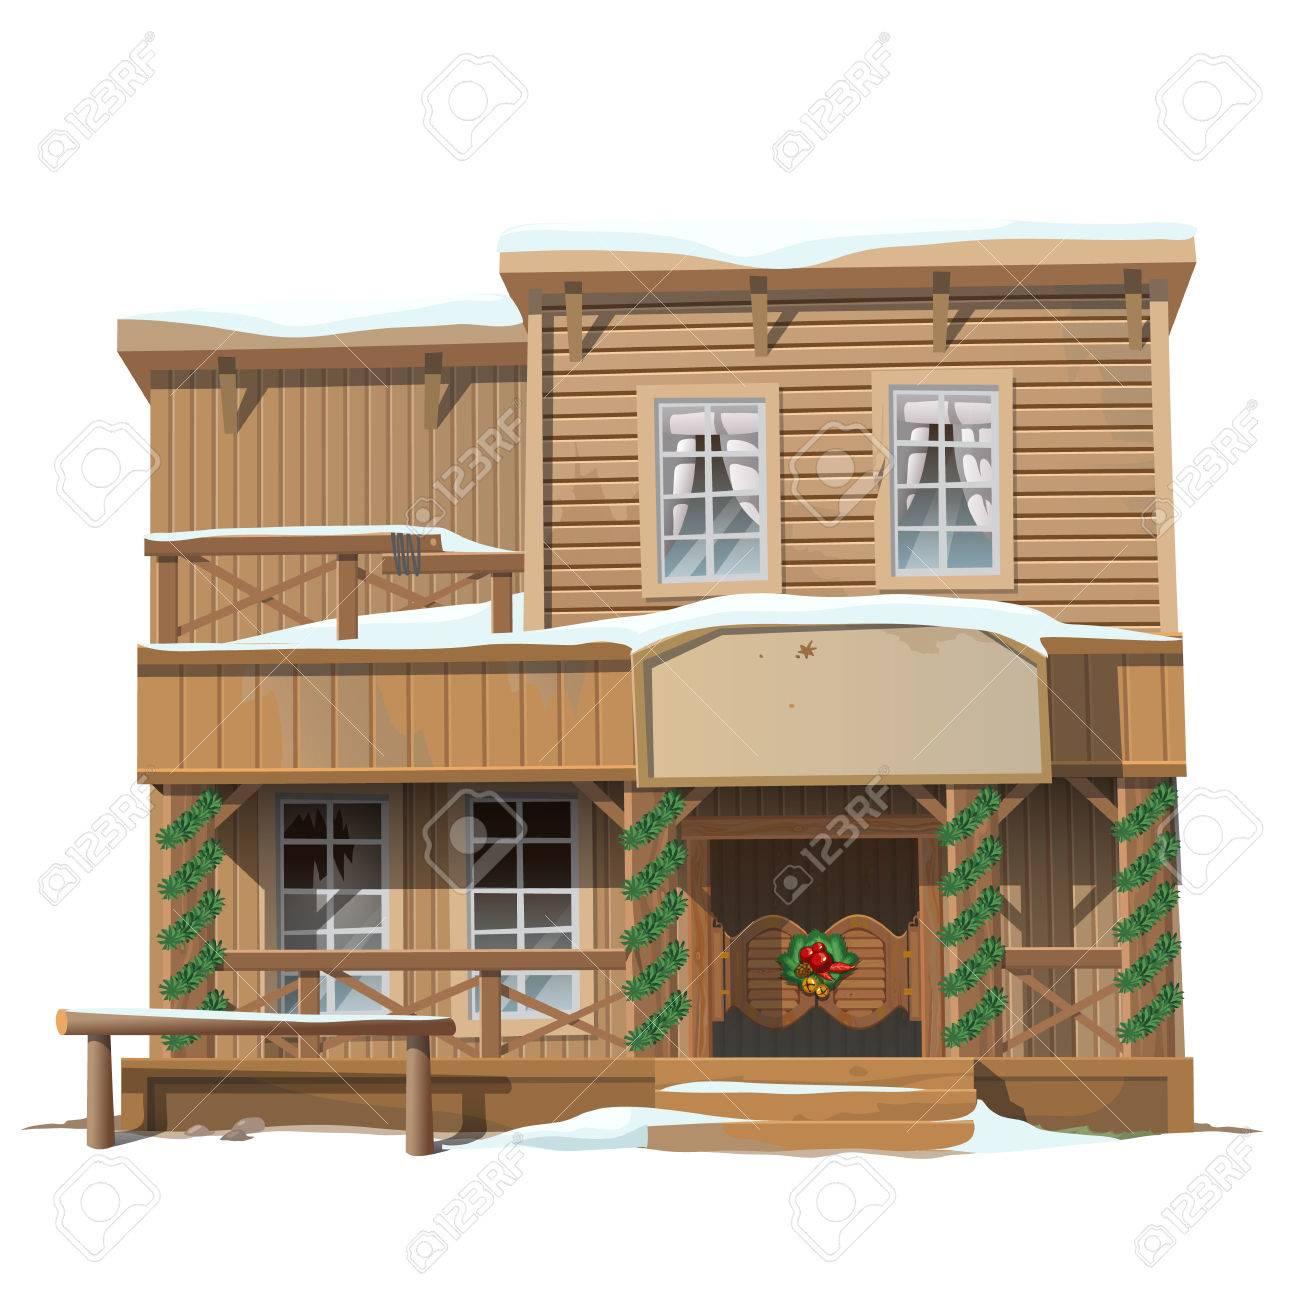 Salon classique en bois décoré pour Noël, série de bâtiments vecteur